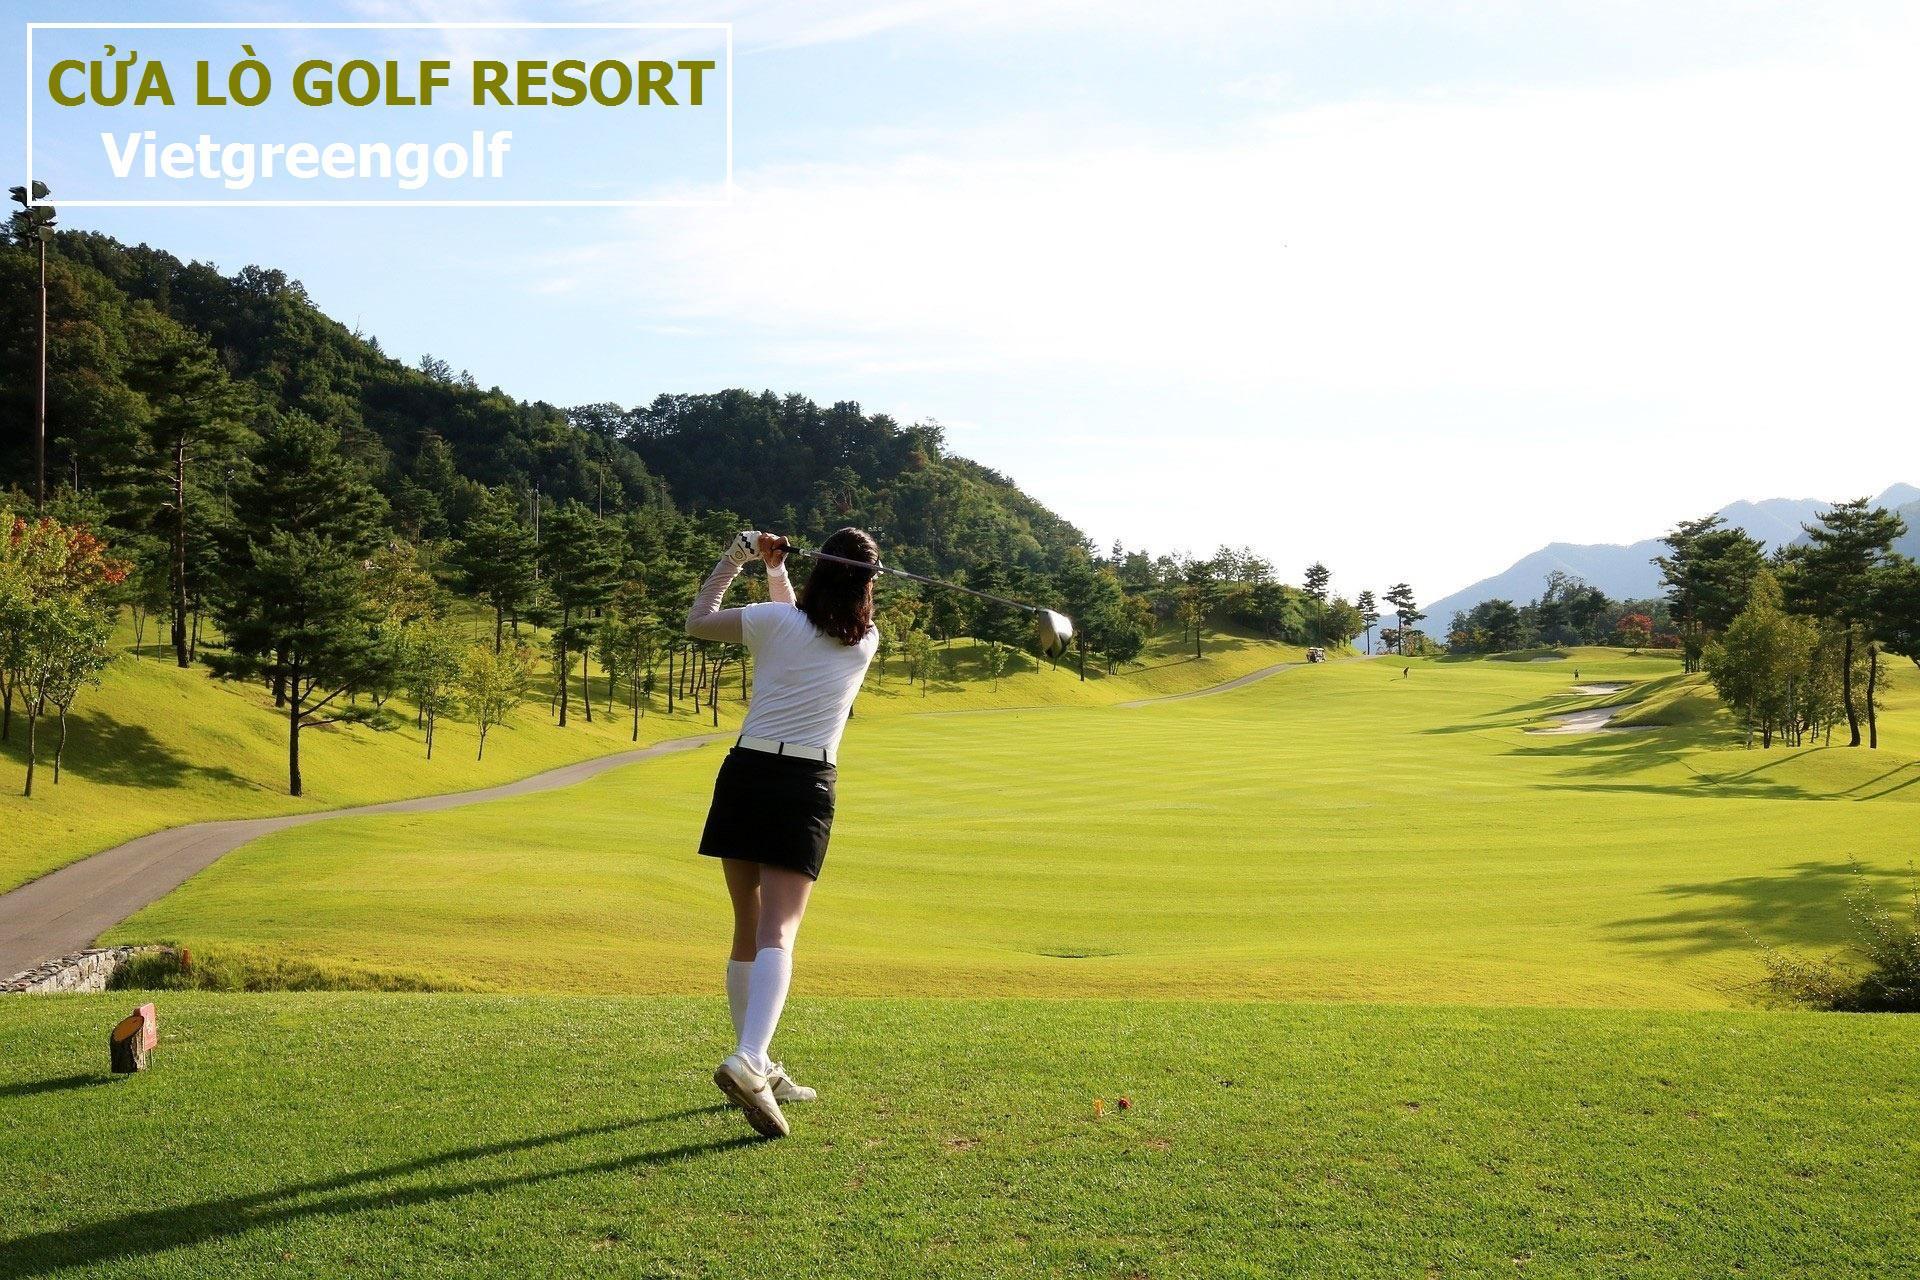 Sân Golf Cửa Lò, Cửa Lò Golf Resort 18 lỗ tiêu chuẩn trong tuần